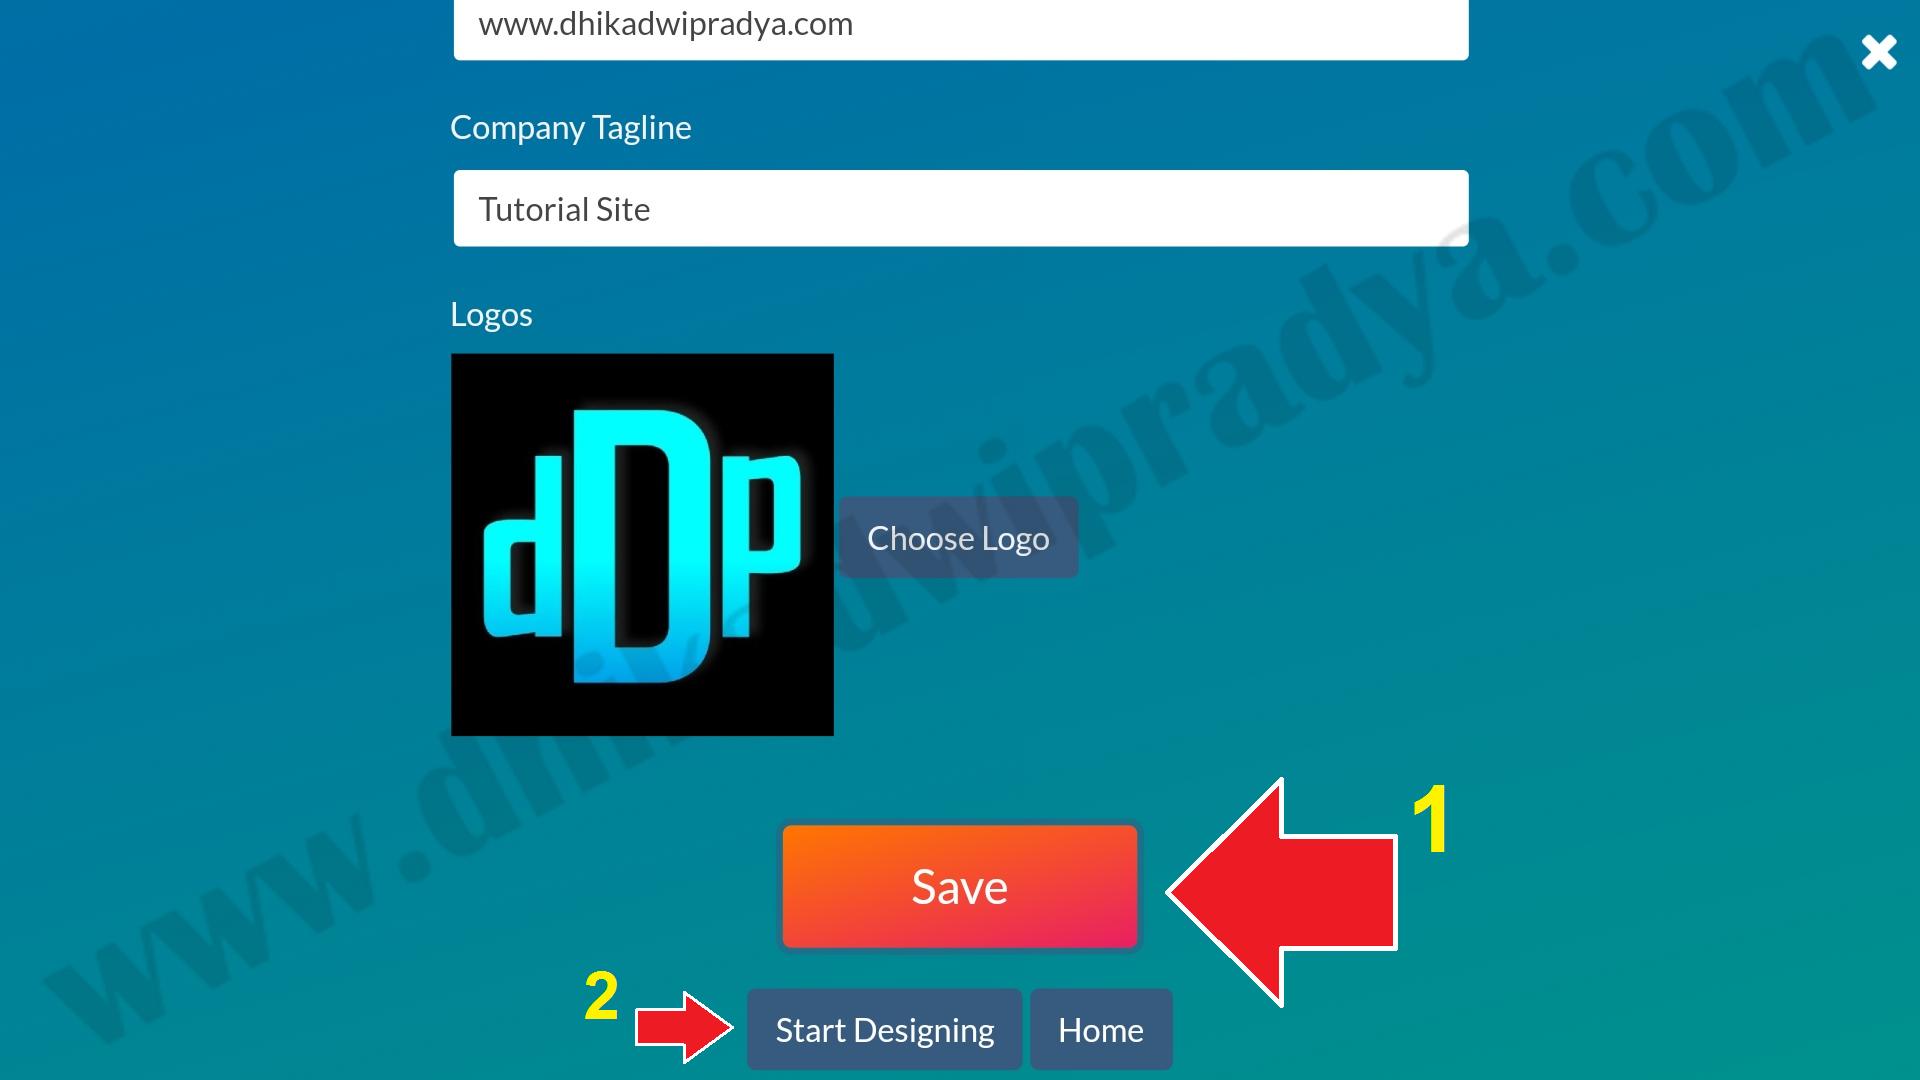 cara-membuat-kartu-nama-profesional-di-android5-dhikadwipradya